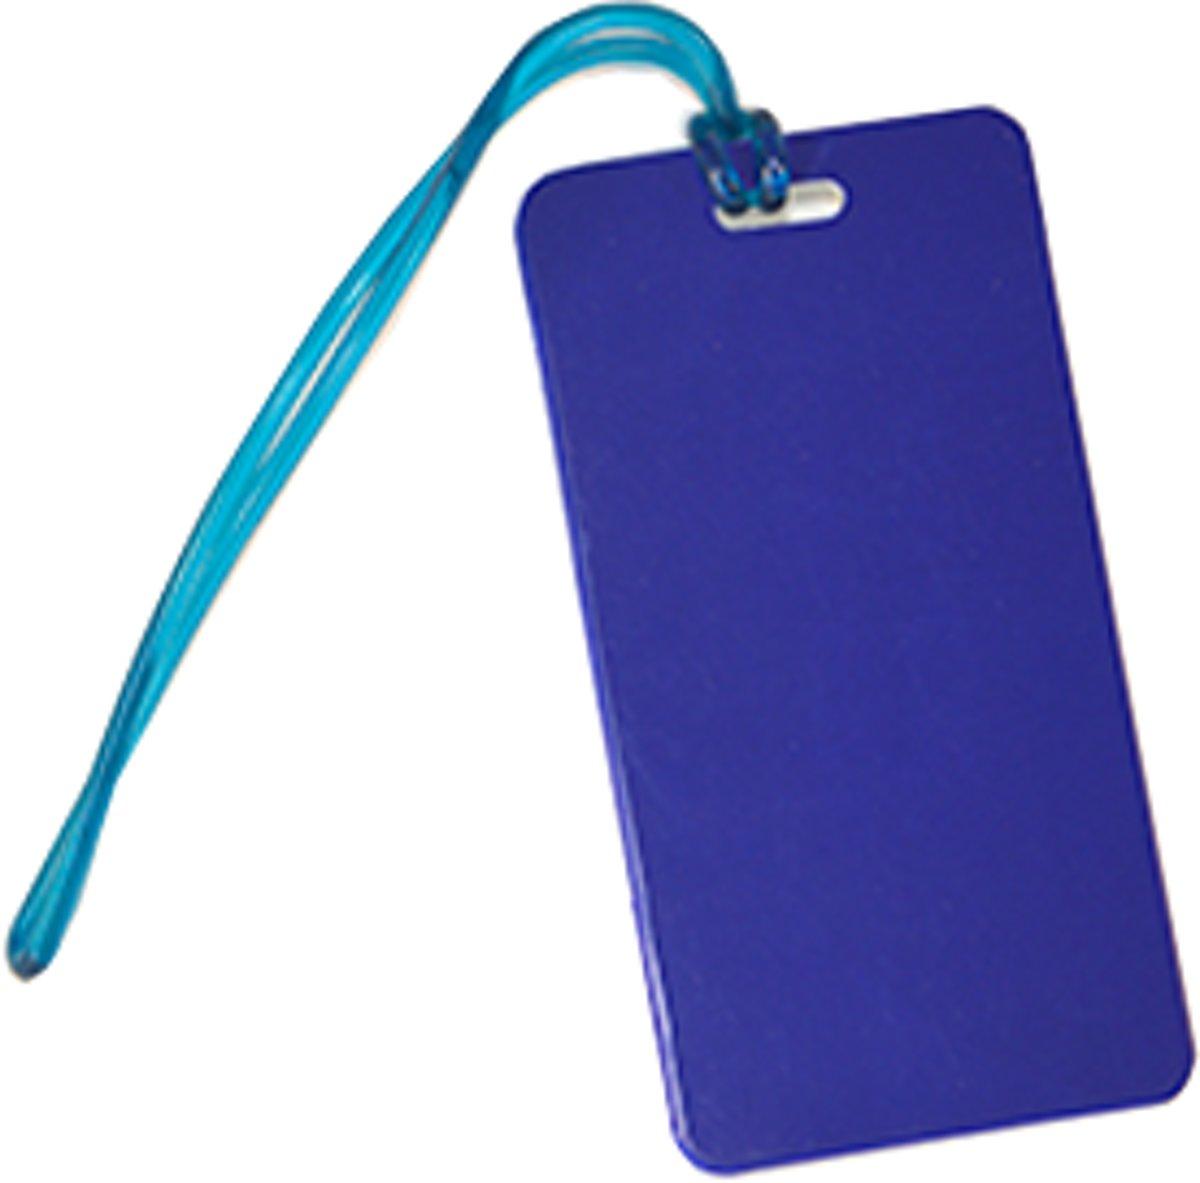 Kofferlabel / bagagelabel Blauw met QR-code kopen